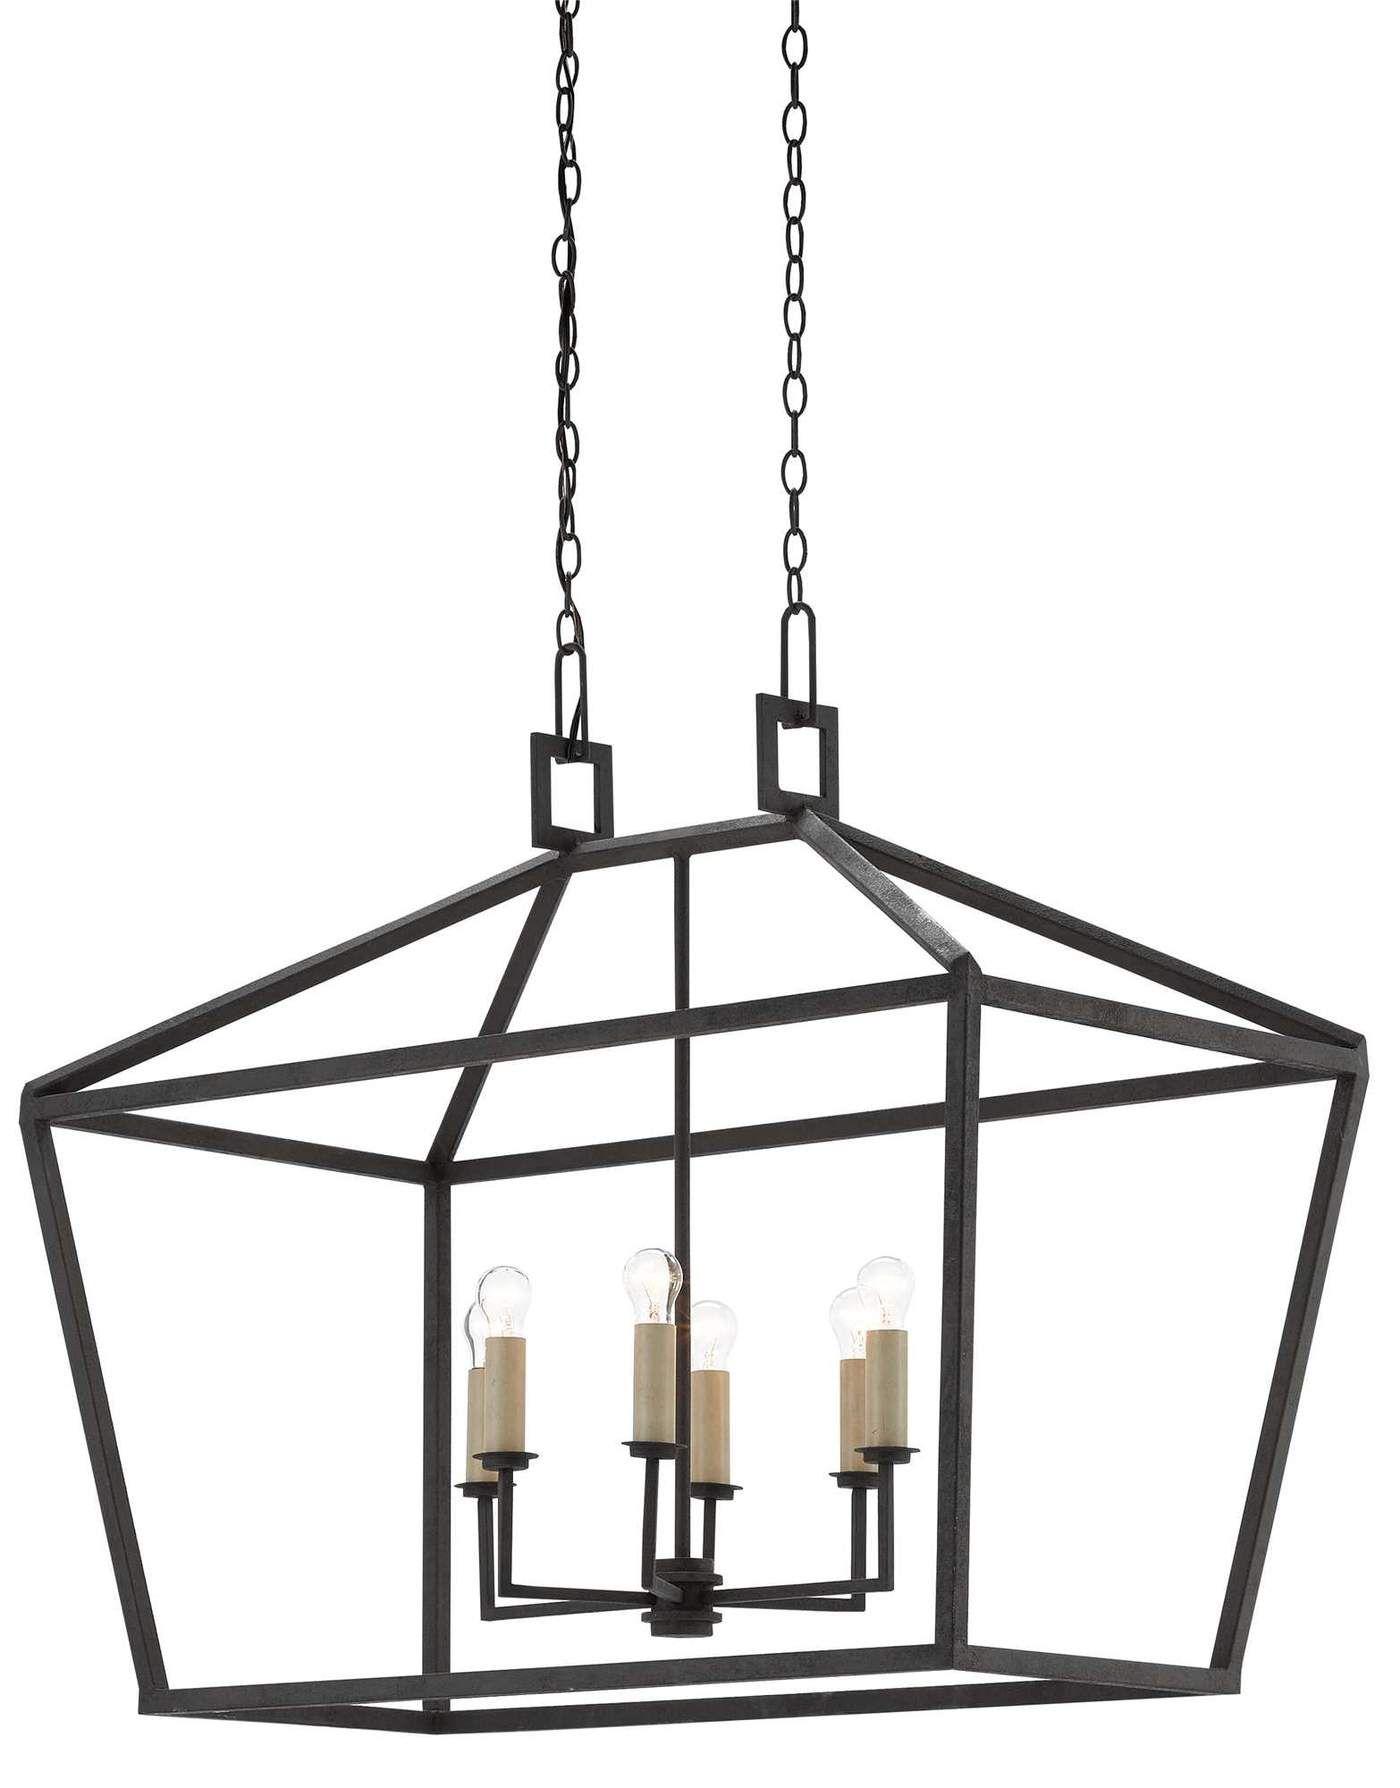 Denison Rectangular Lantern Black Wrought Iron Light Fixtures Outside Light Fixtures Light Fixtures